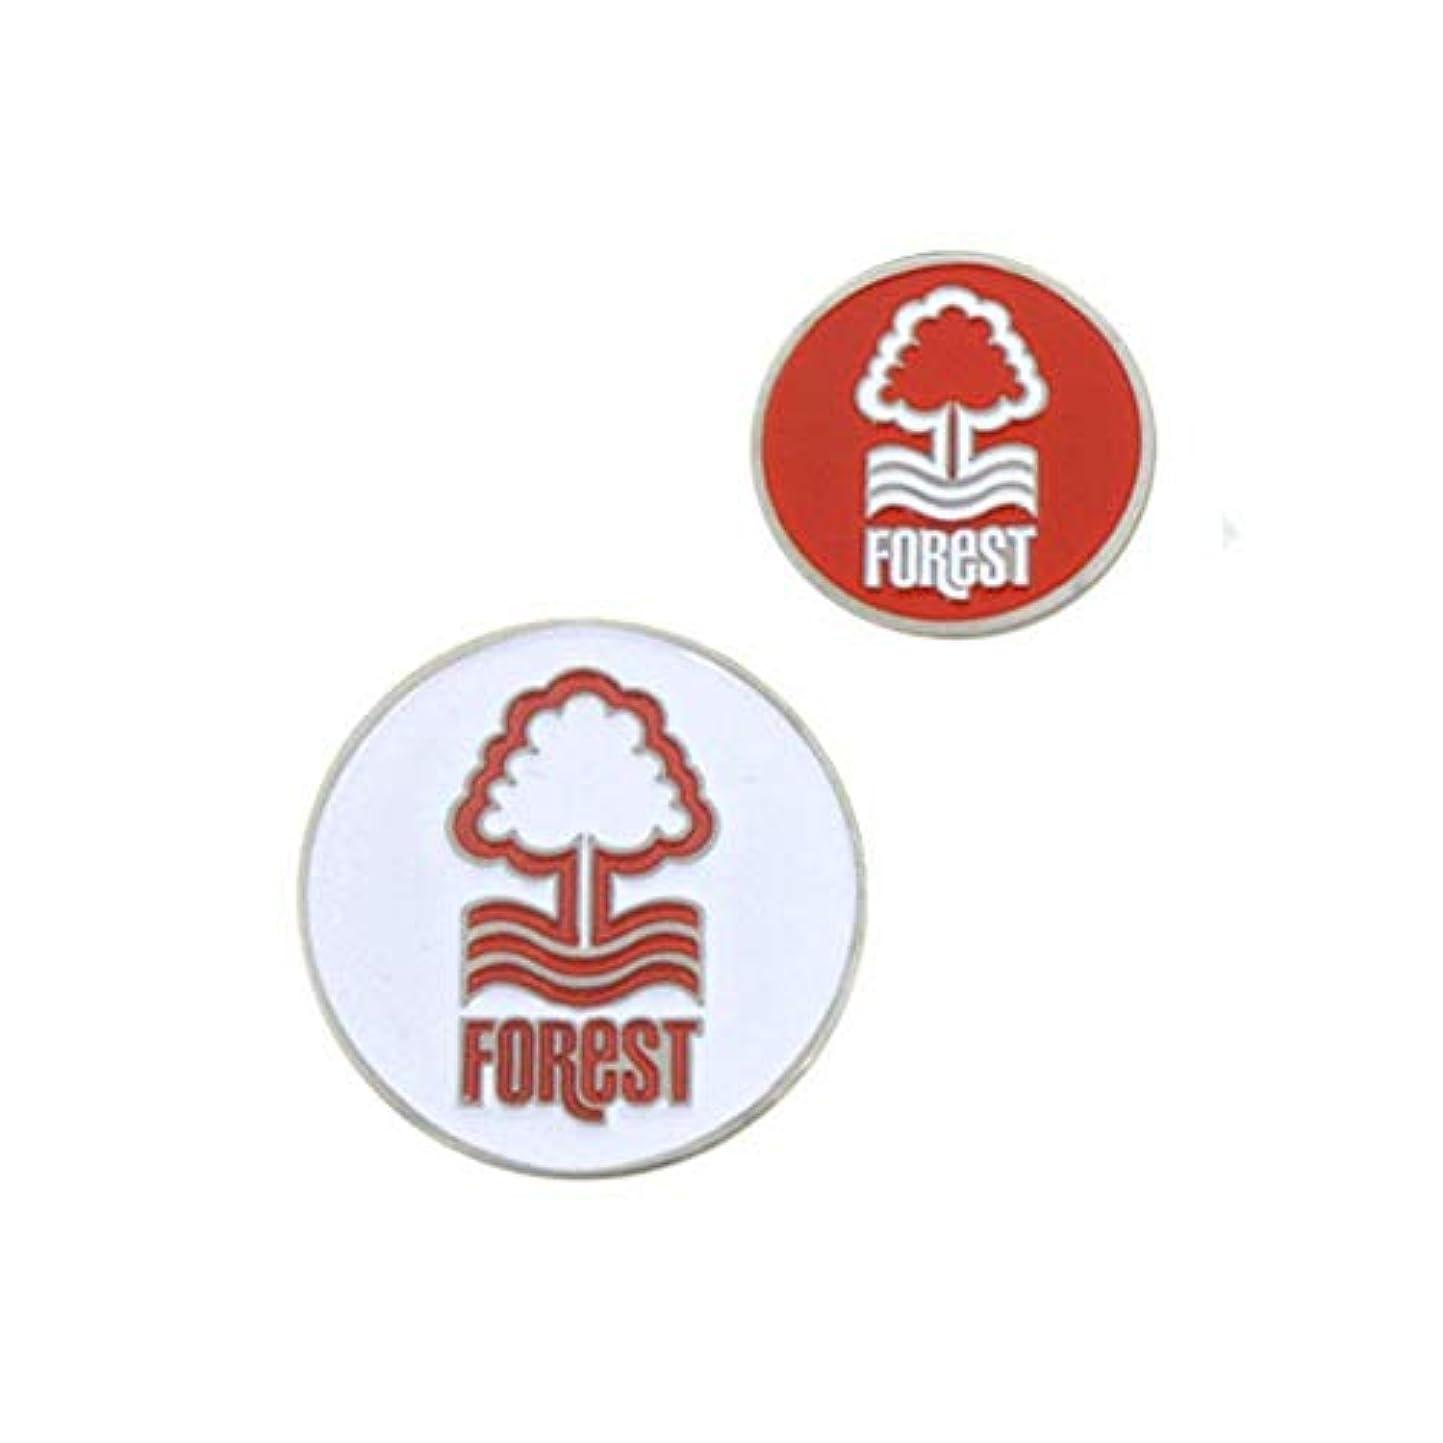 遵守するレインコート絡まるノッティンガム?フォレスト フットボールクラブ Nottingham Forest FC オフィシャル商品 ゴルフボールマーカー (1個)